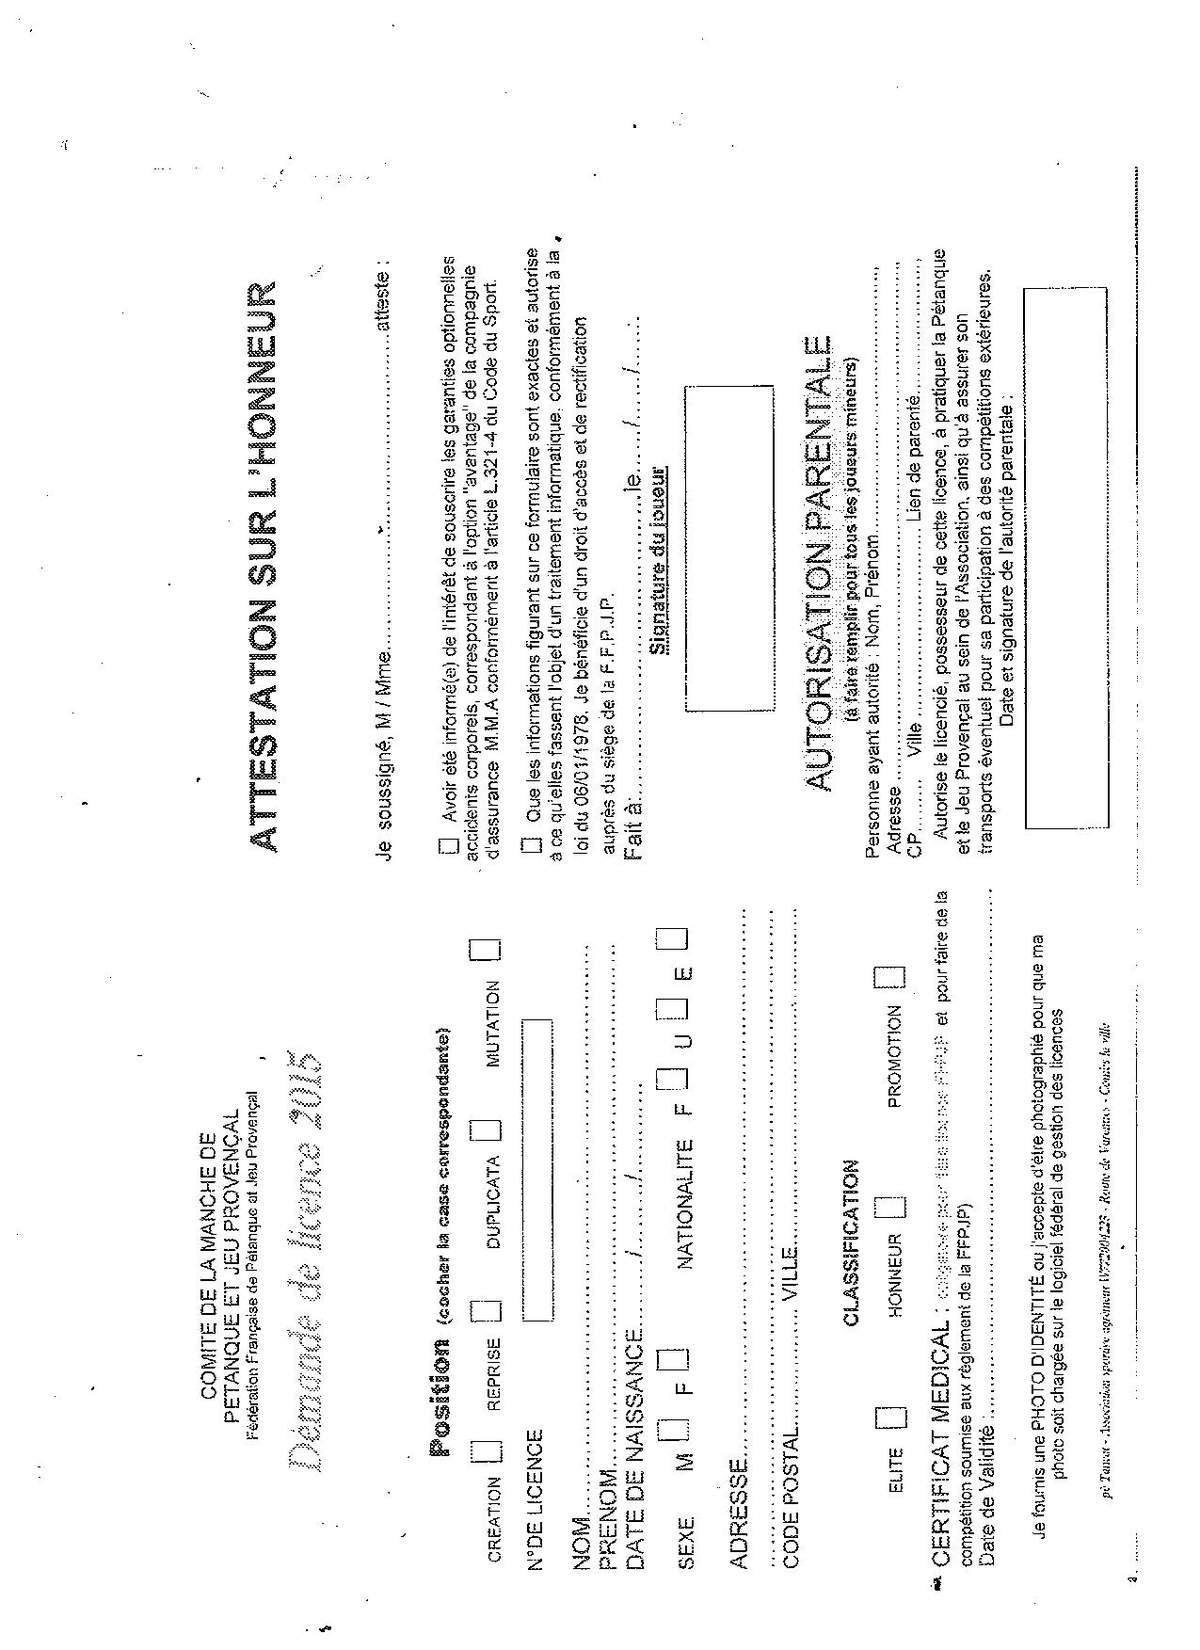 Actualite Certificat Medical Club Petanque Petanque Combs La